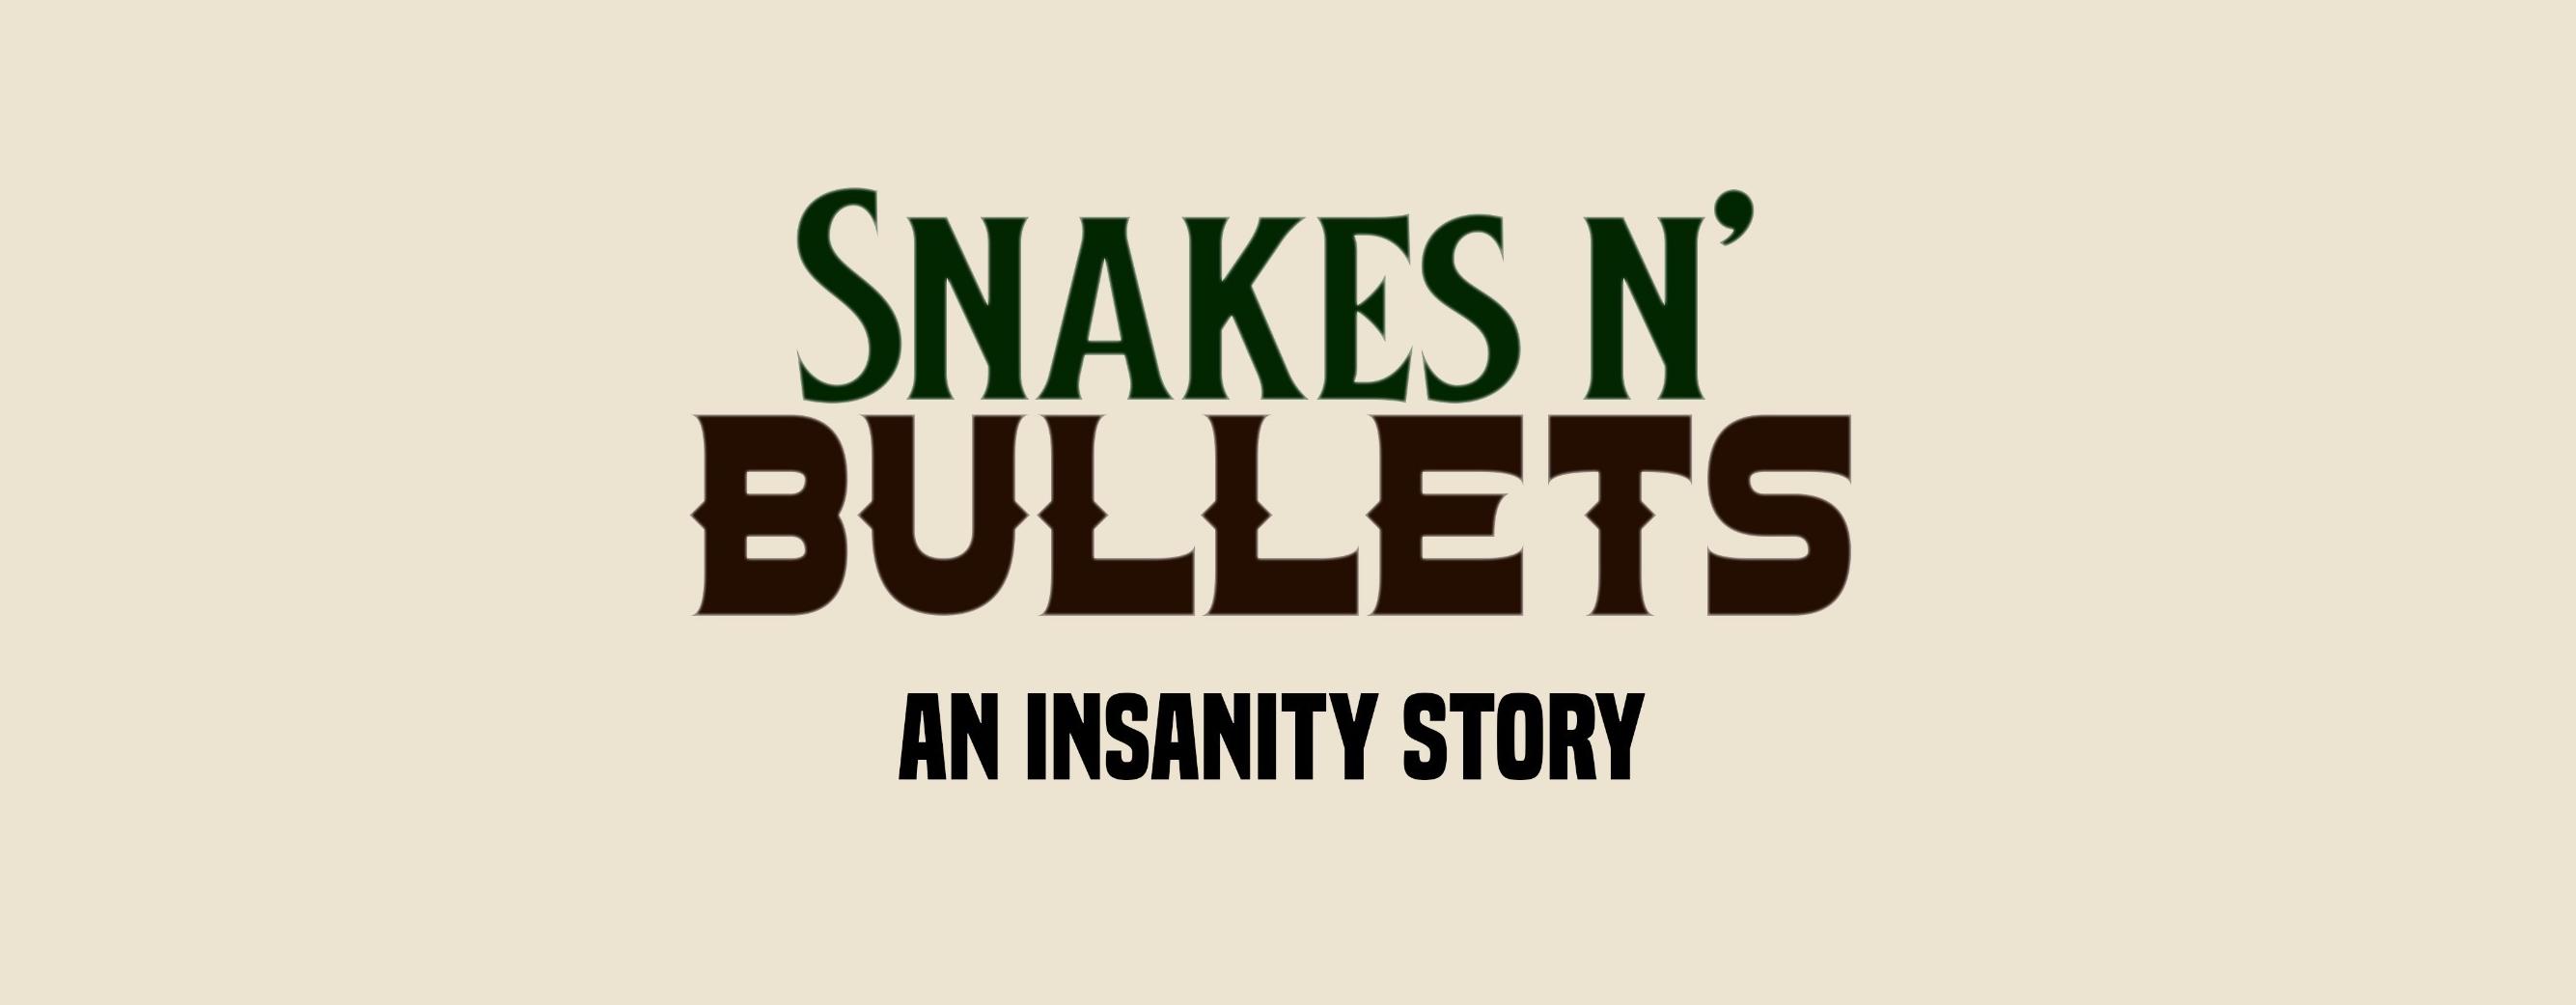 Snakes n' Bullet's - An Insanity Tale